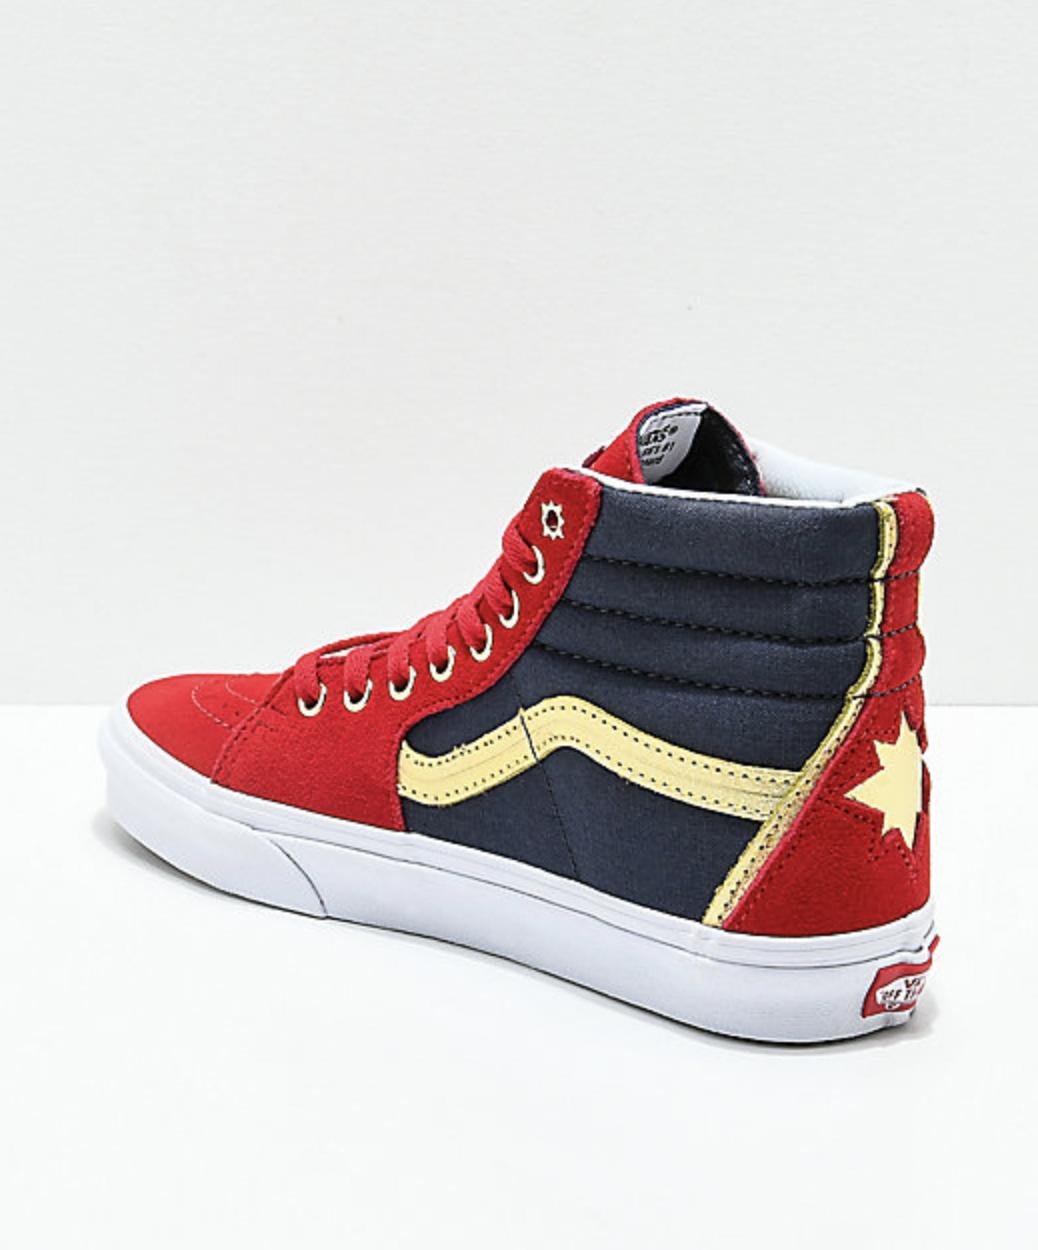 Vans x Marvel Sk8-Hi Captain Marvel Red